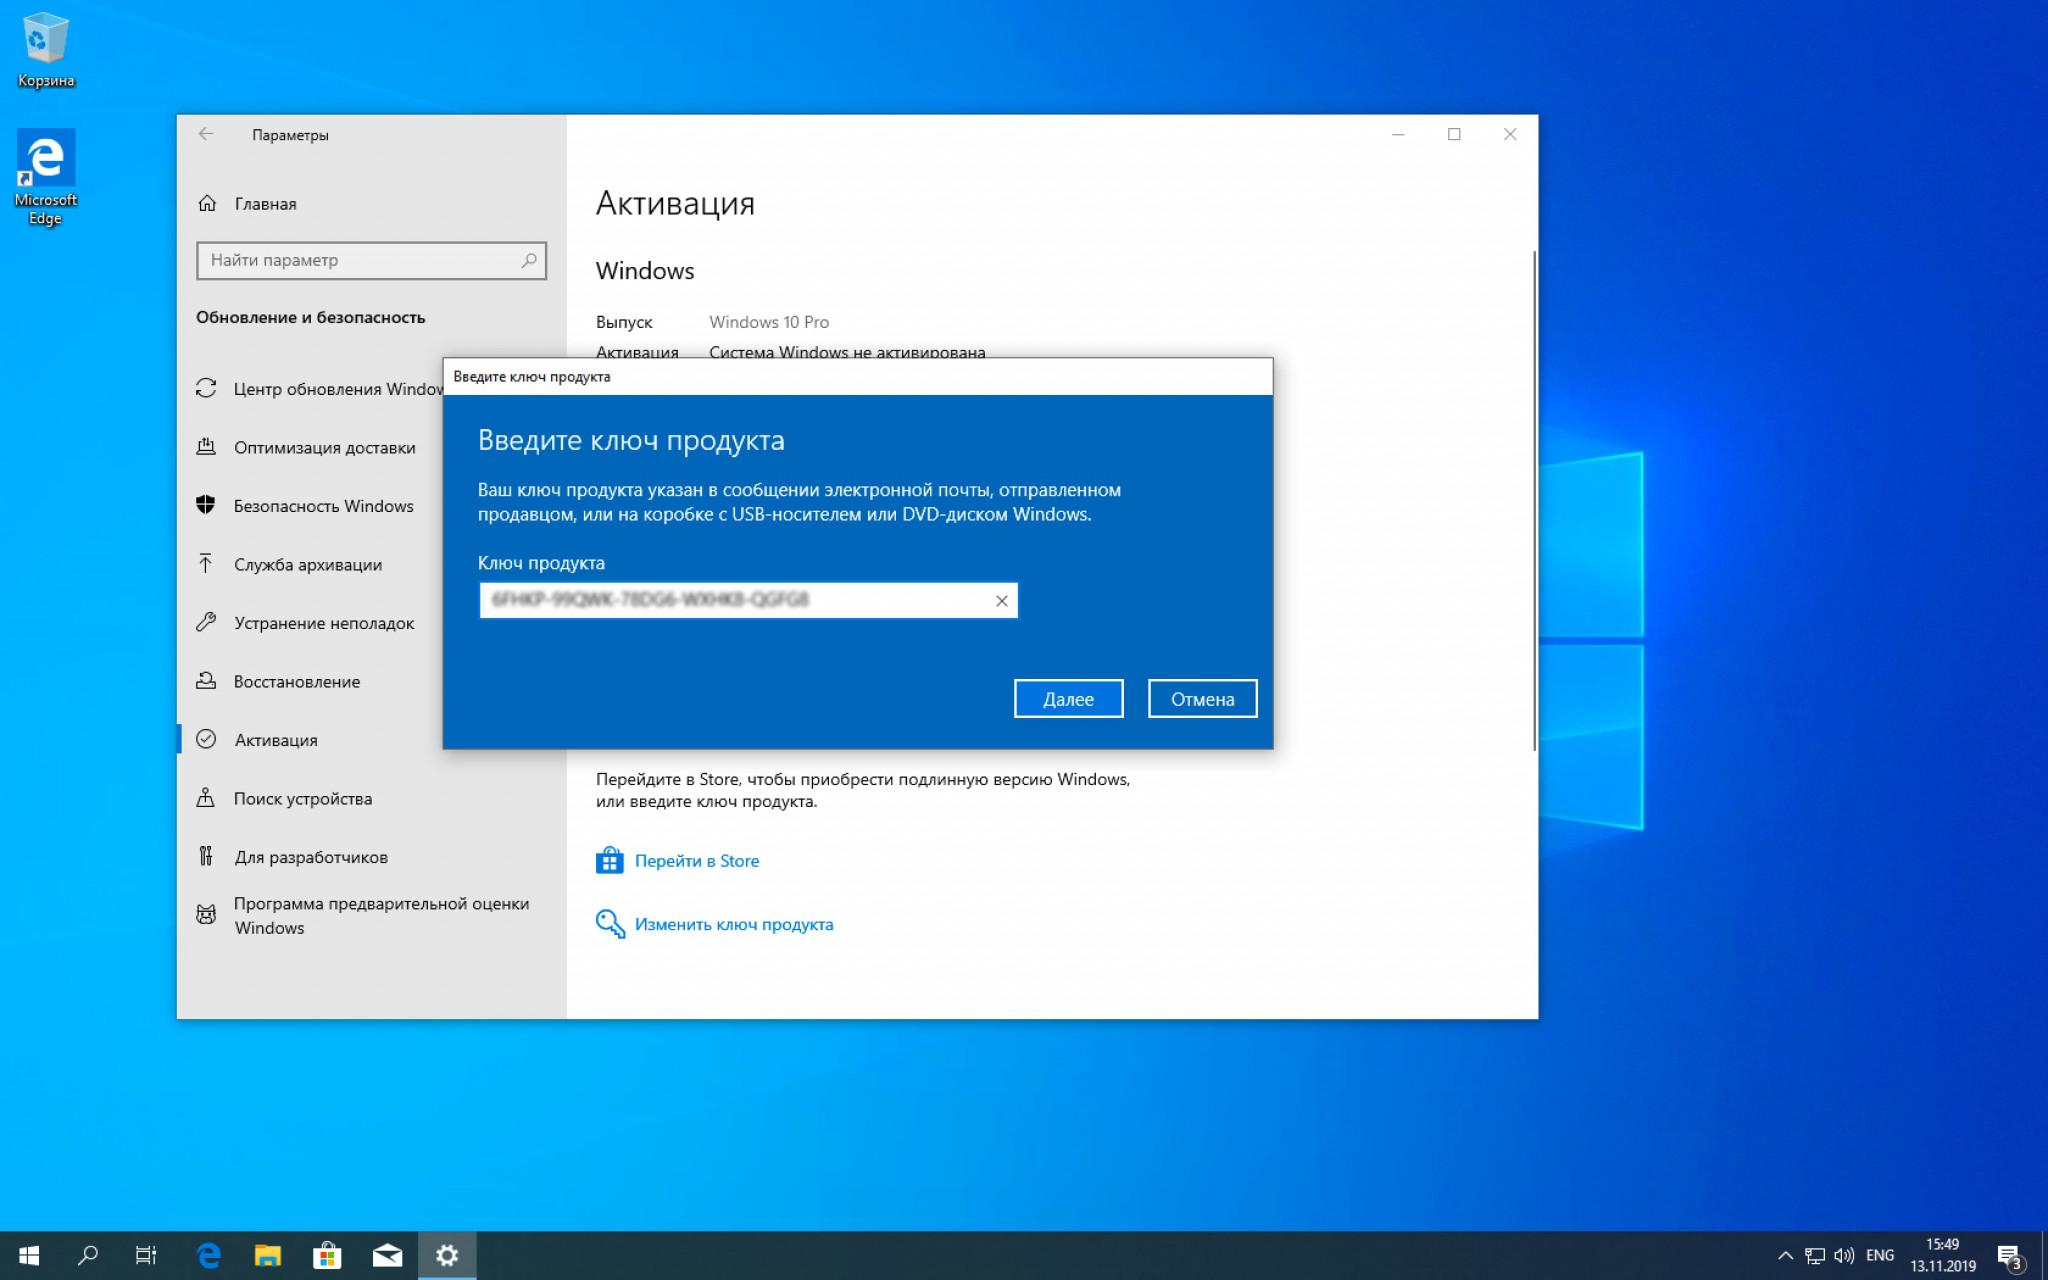 Активация Windows 10 без лицензионных ключей